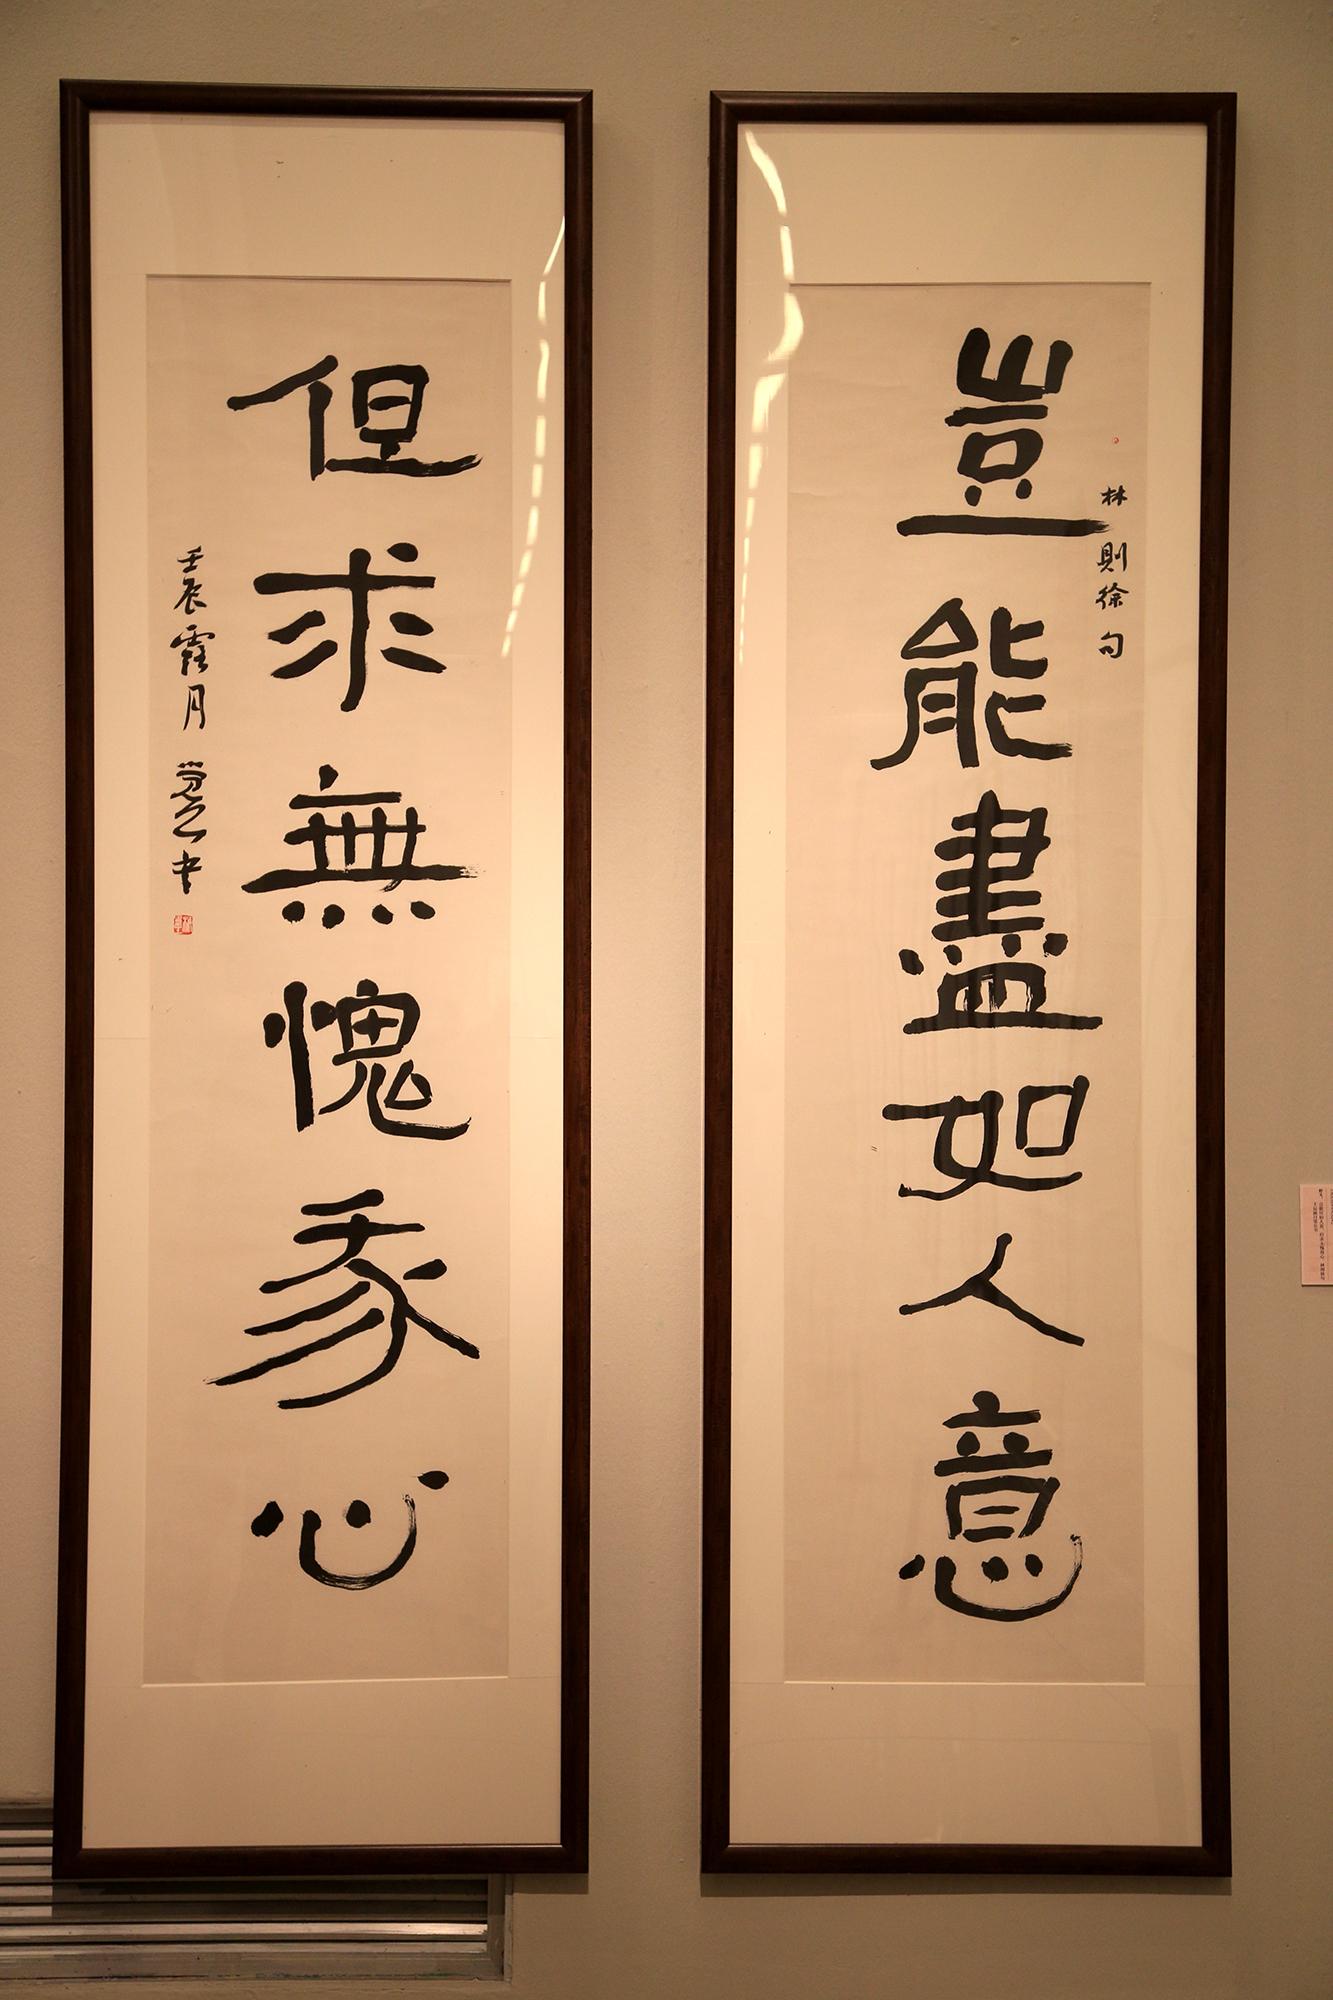 中國美術館——「美在新時代」書法精品展 - 雪花新聞